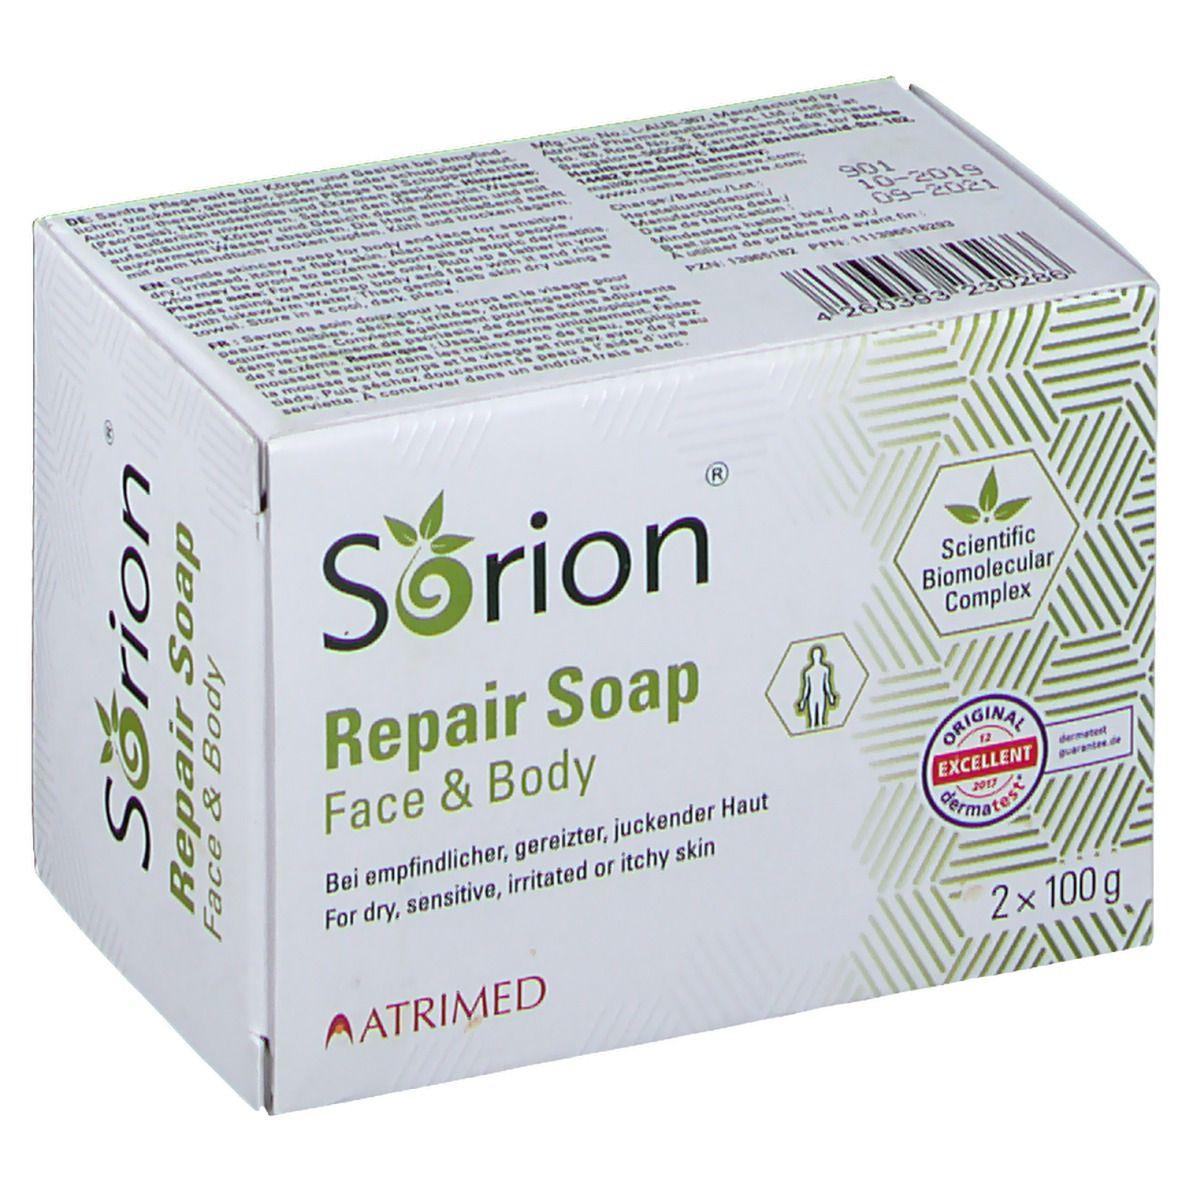 SORION ® Repair Soap